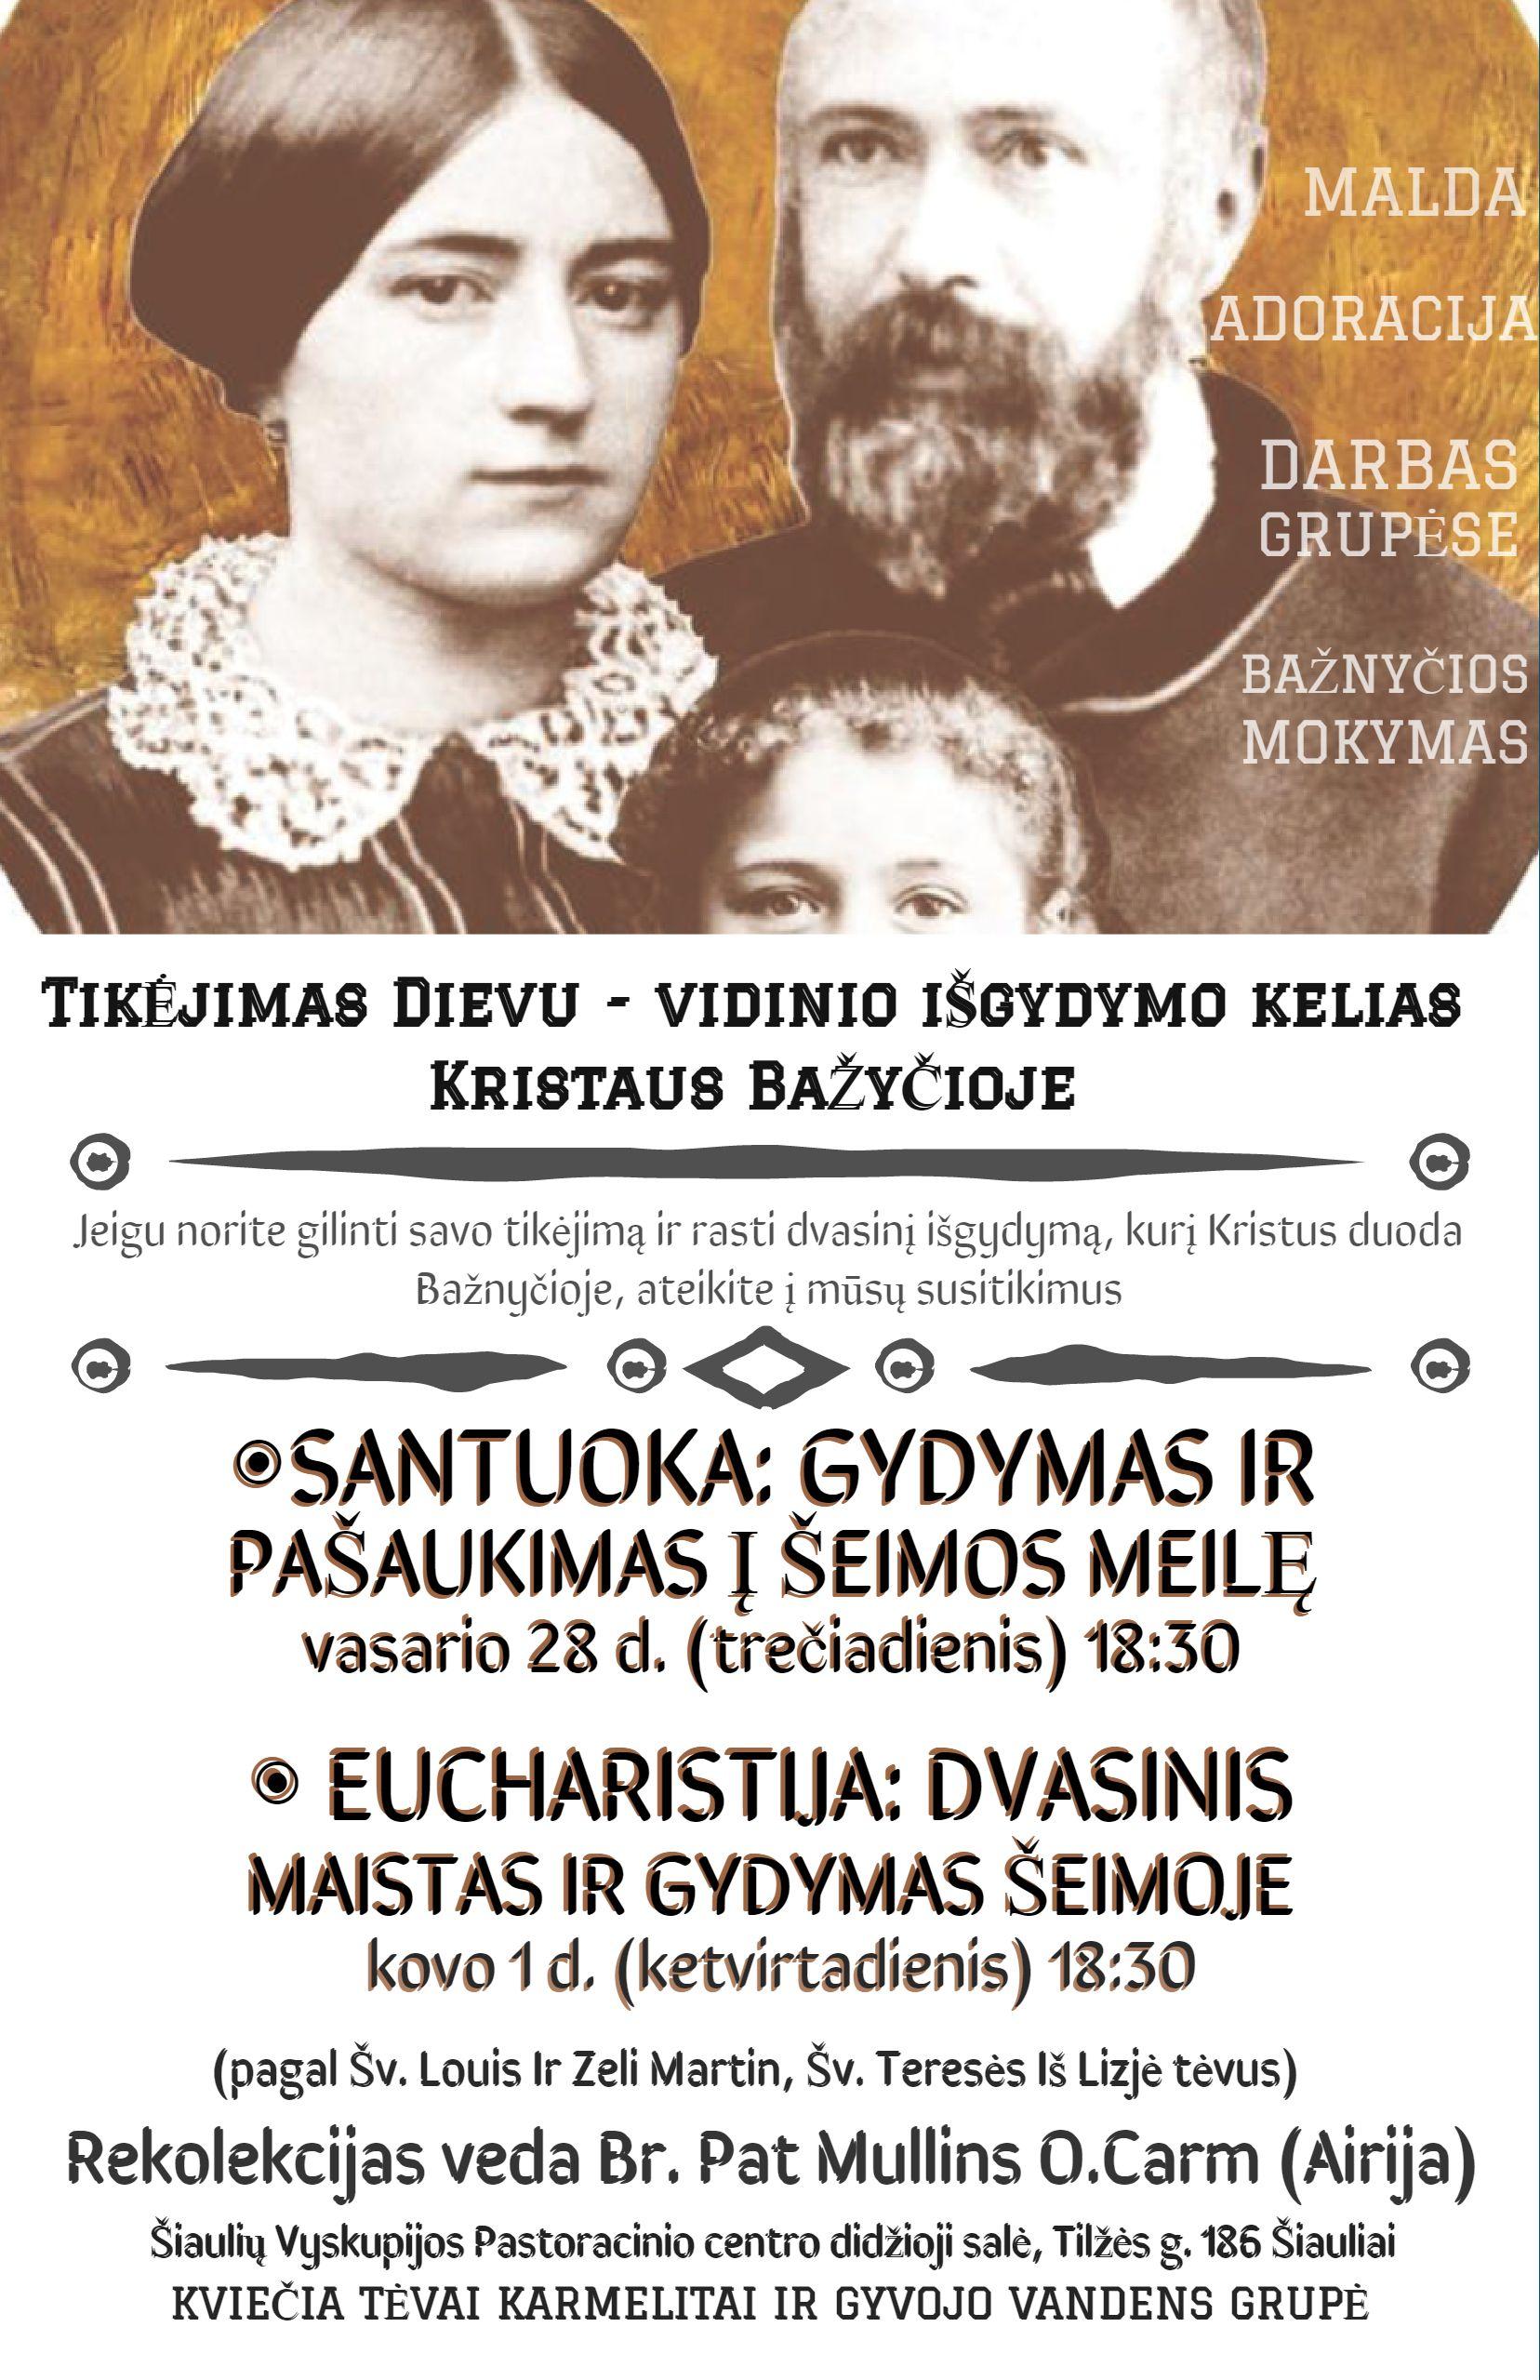 Sakramentai Santuka ir Eucharistija